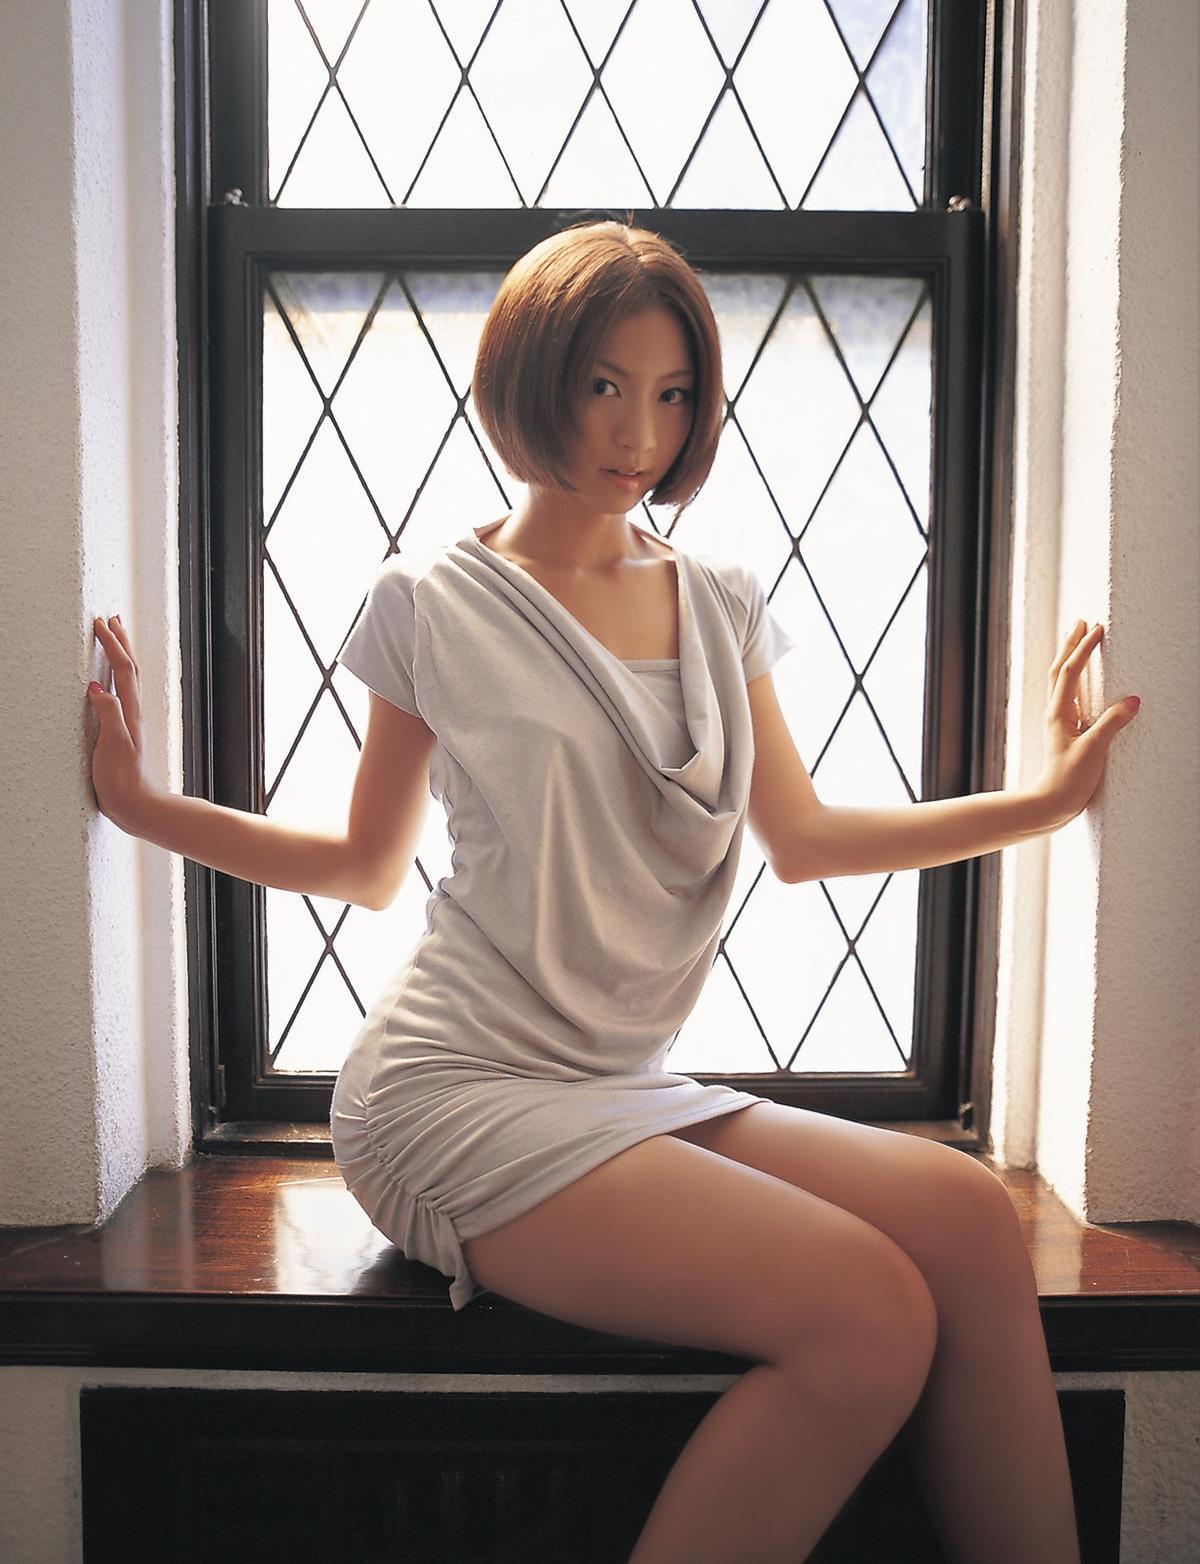 安田美沙子 画像 17